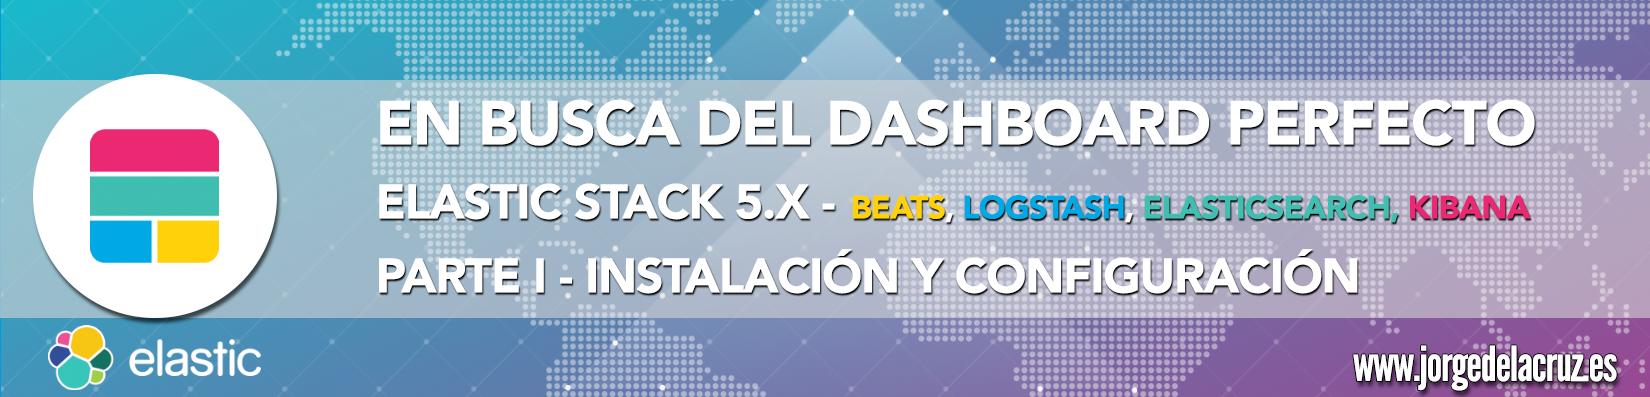 En busca del Dashboard perfecto: Elastic Stack 5 x (Beats, Logstash